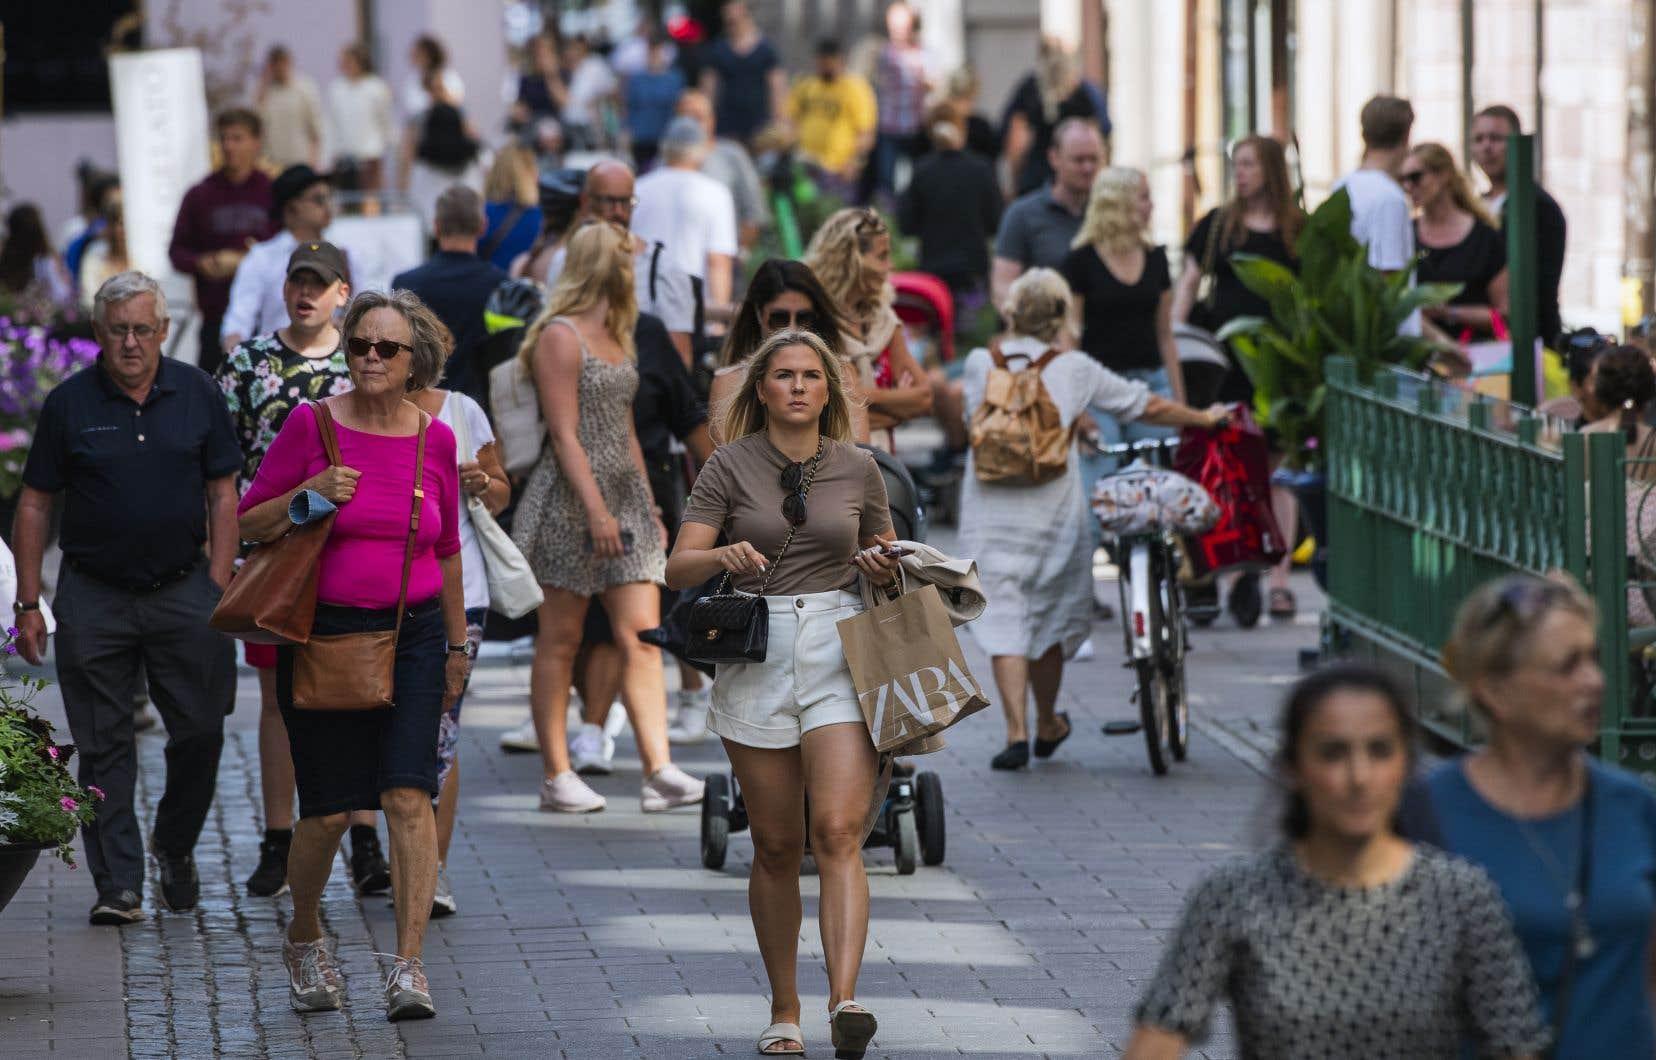 Les cas de contamination sont en baisse en Suède depuis le début du mois de septembre, comparativement à une hausse enregistrée chez ses voisins européens. Sur la photo, une rue de Stockholm, la capitale suédoise.